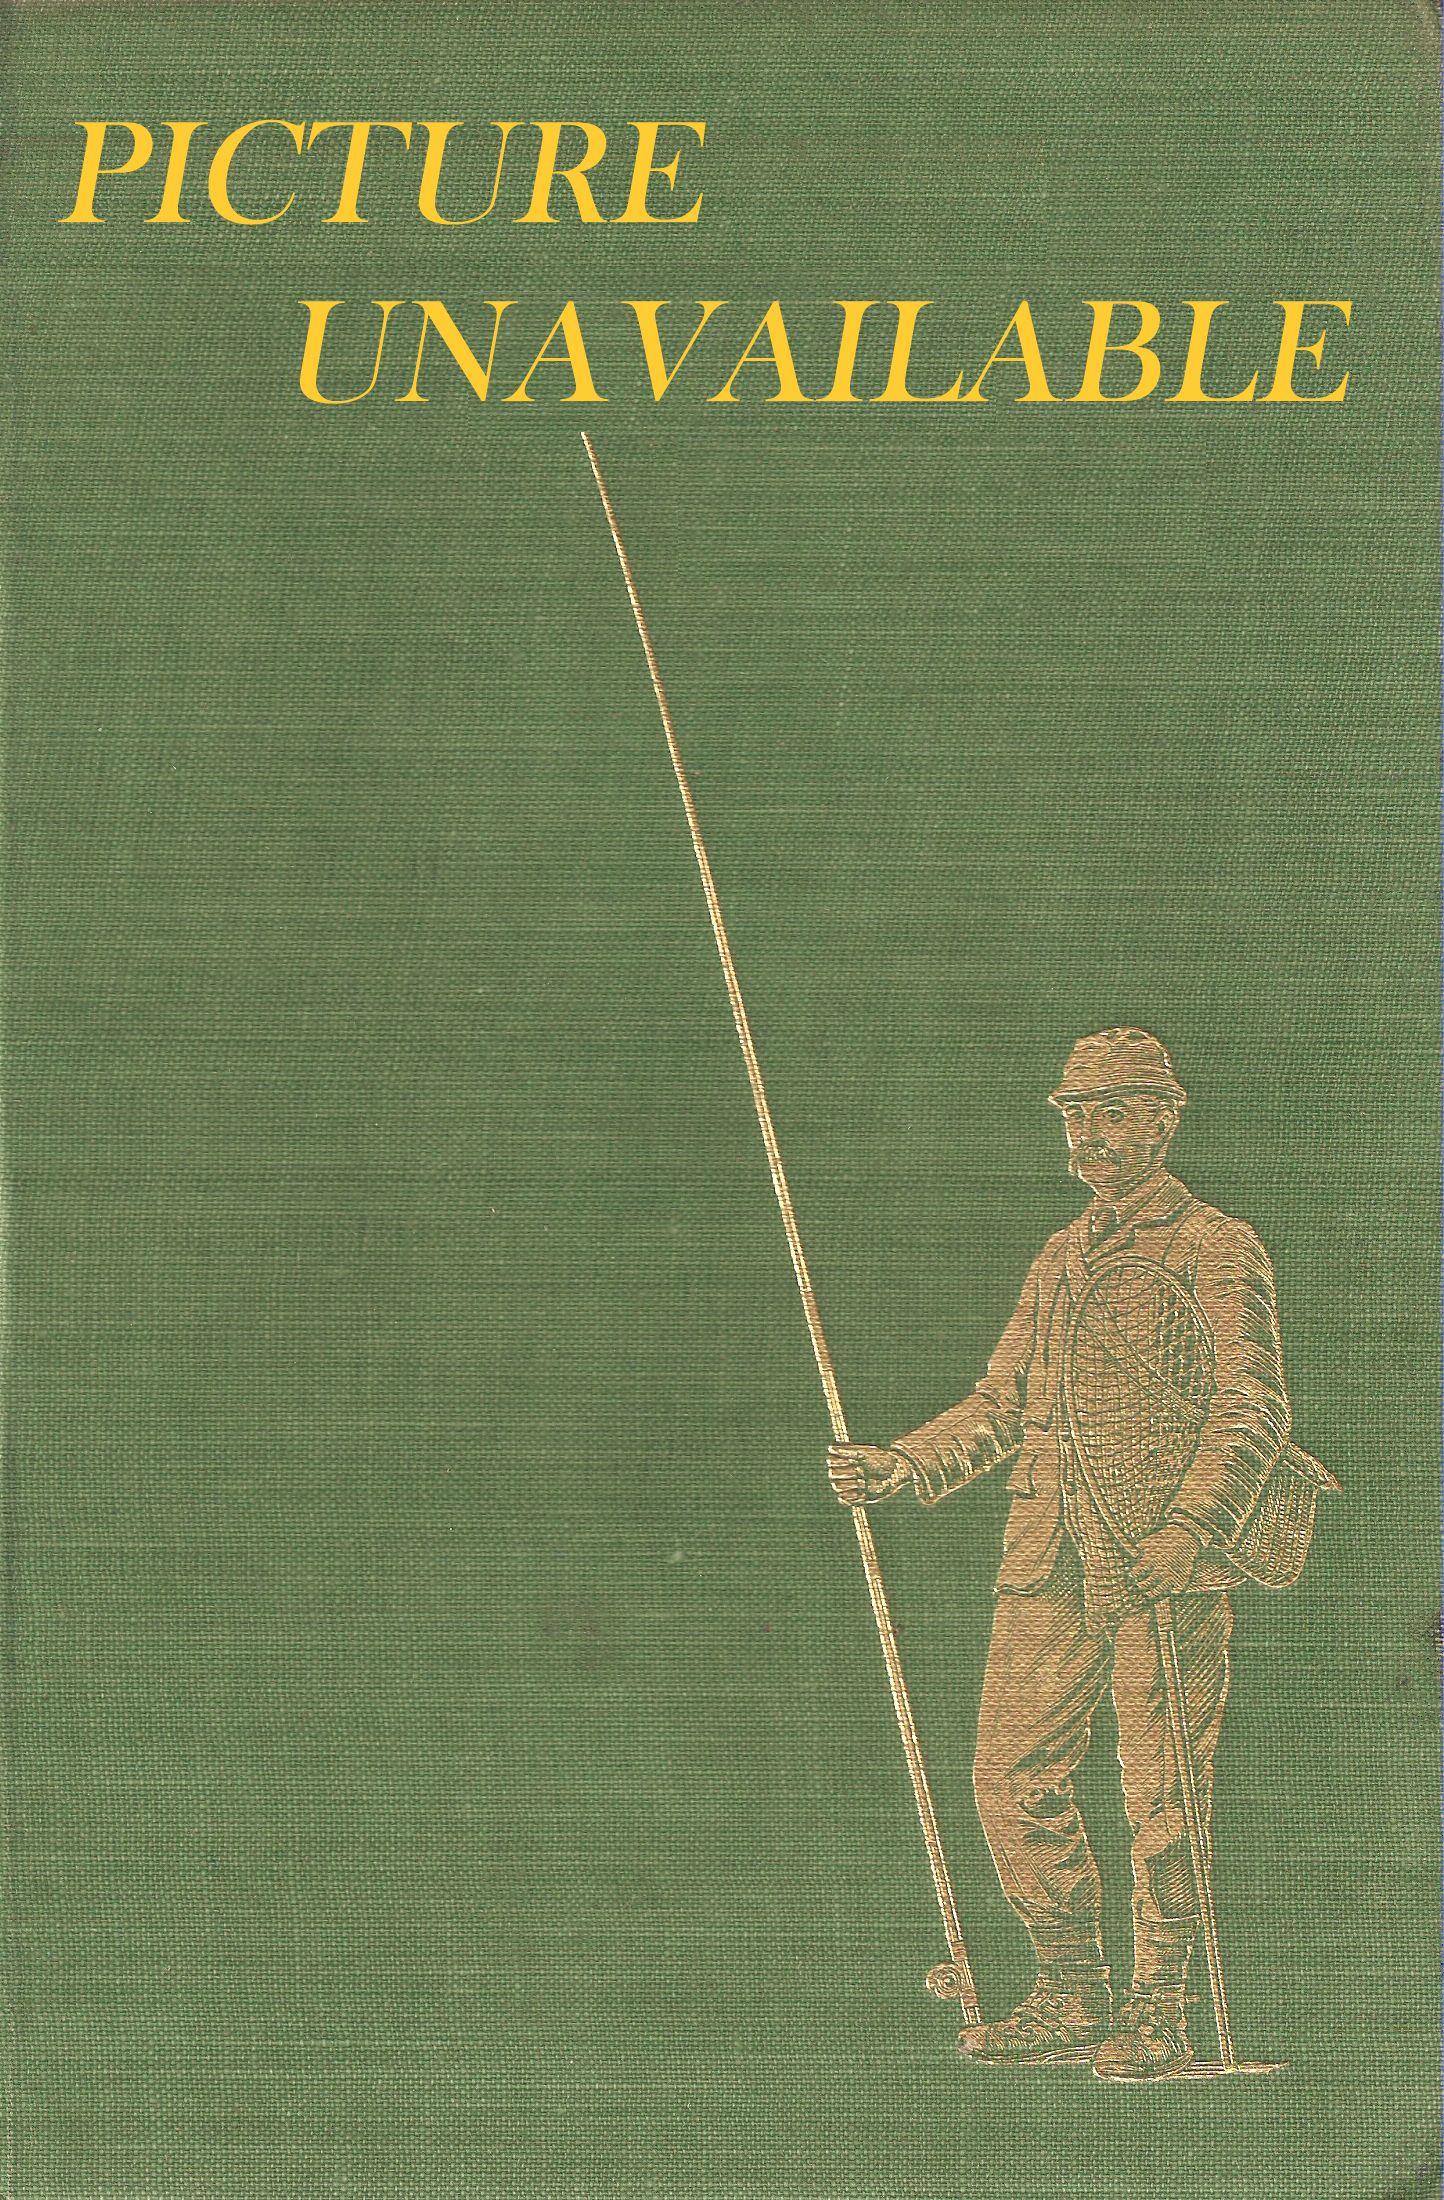 AN ANGLER'S PARADISE AND HOW TO OBTAIN IT. By J.J. Armistead.